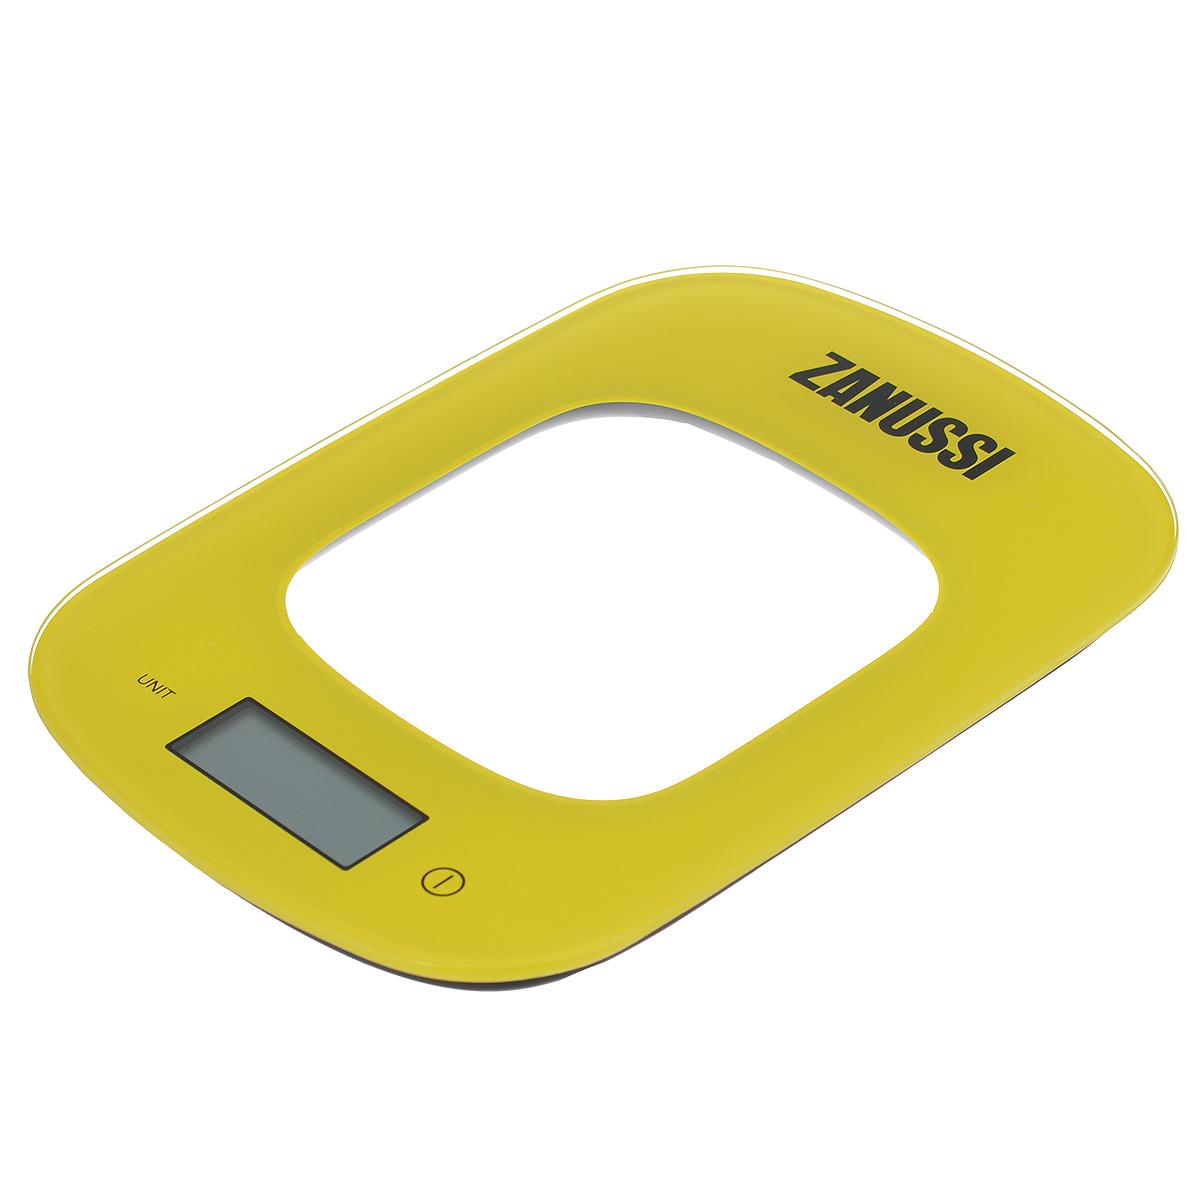 Весы кухонные Zanussi Venezia, электронные, цвет: желтый, до 5 кгZSE22222CFЭлектронные кухонные весы Zanussi Venezia придутся по душе каждой хозяйке и станут незаменимым аксессуаром на кухне. Ультратонкий корпус весов выполнен из пластика с цифровым ЖК-дисплеем. Весы выдерживают до 5 килограмм и оснащены высокоточной сенсорной измерительной системой. Имеется индикатор низкого заряда батареи.С помощью таких электронных весов можно точно контролировать пропорции ингредиентов.УВАЖАЕМЫЕ КЛИЕНТЫ!Обращаем ваше внимание, что весы работают от одной литиевой батарейки CR2032 напряжением 3V (входит в комплект).